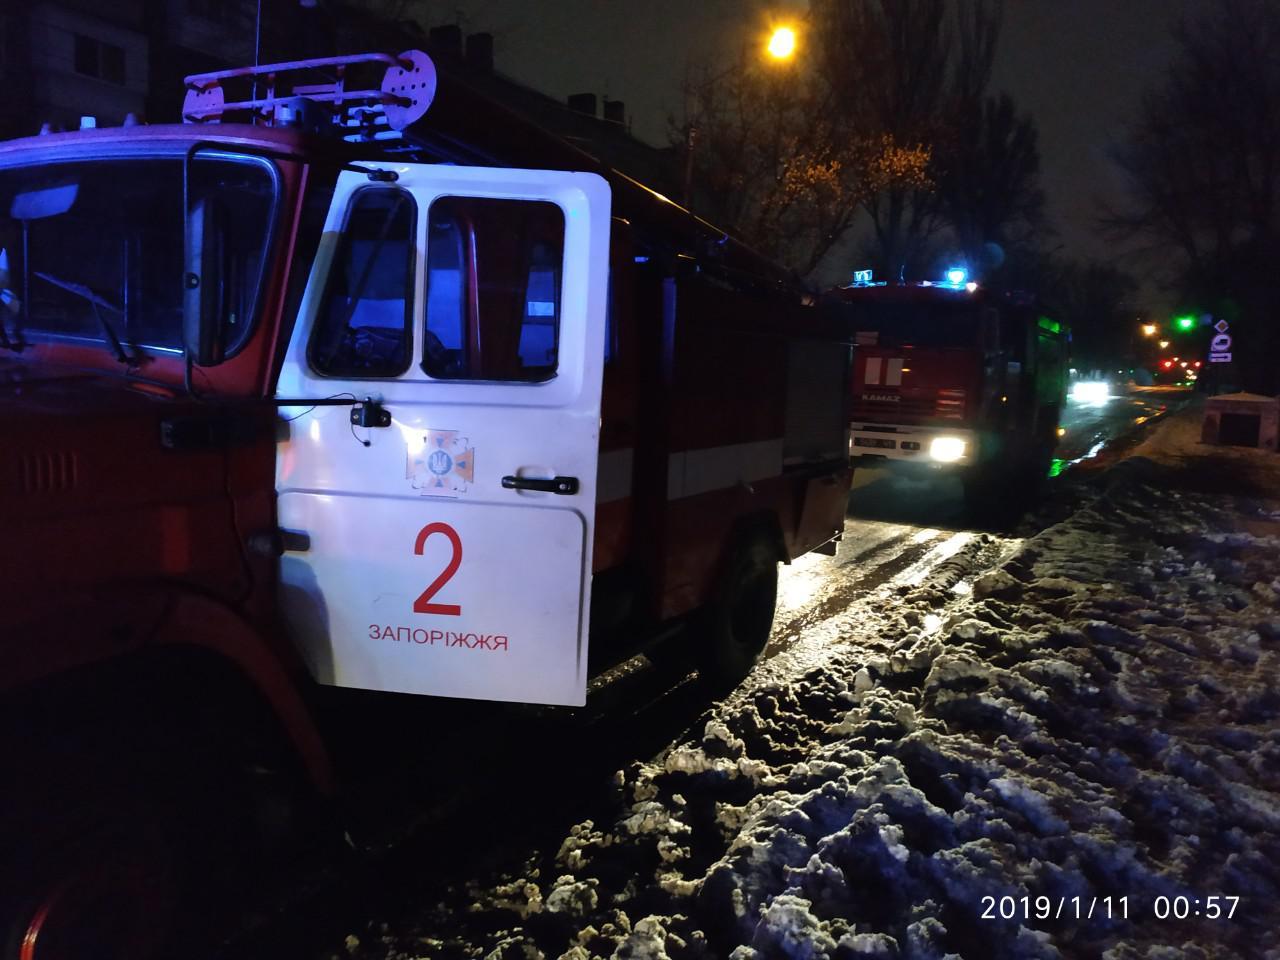 В Запорожье ночью произошел пожар в студенческом общежитии: спасатели эвакуировали полсотни человек - ФОТО